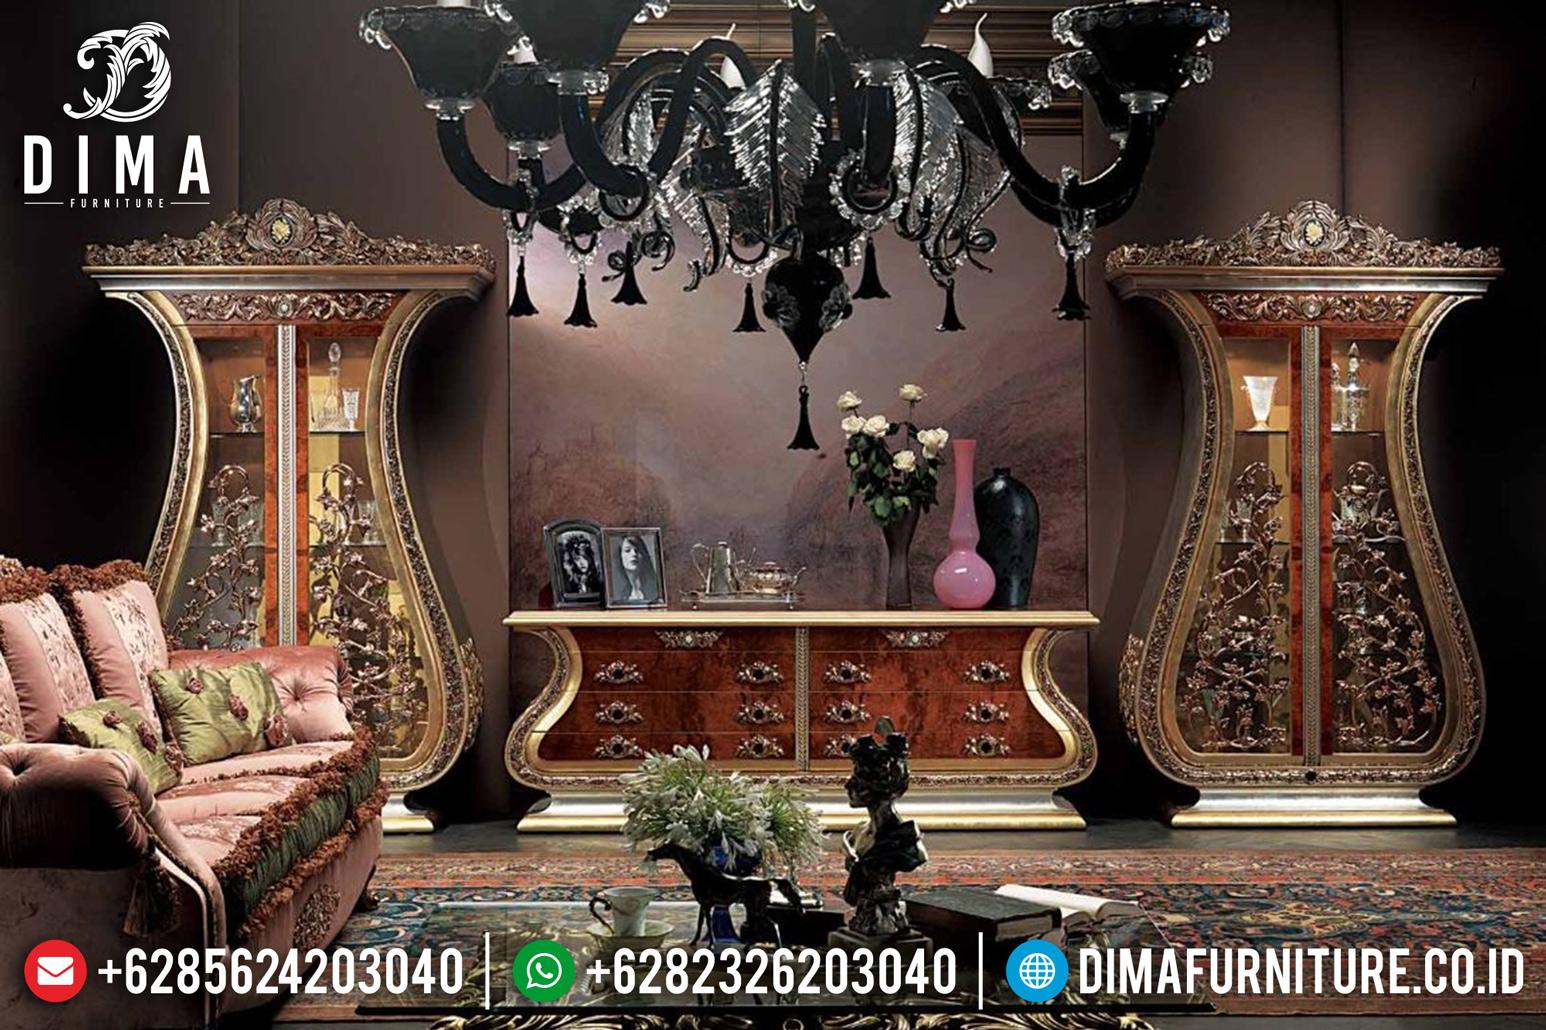 Lemari Hias Bufet TV Mewah, Bufet TV Jepara, Lemari Hias Klasik Jati DF-0781